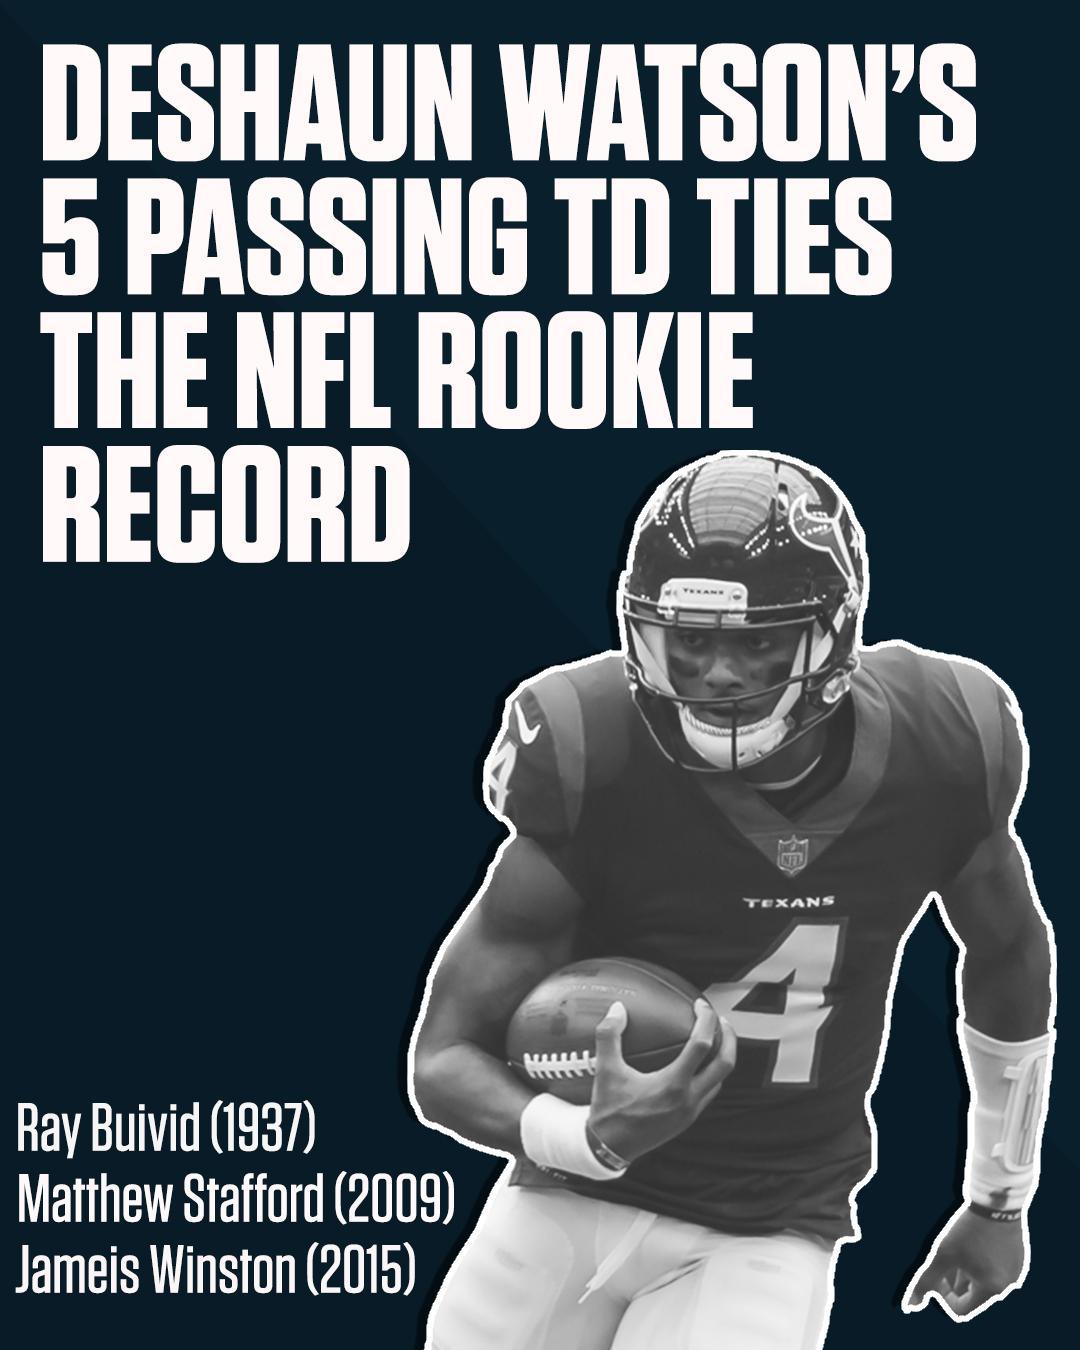 Rookie's on a roll. https://t.co/dans0zFwSq